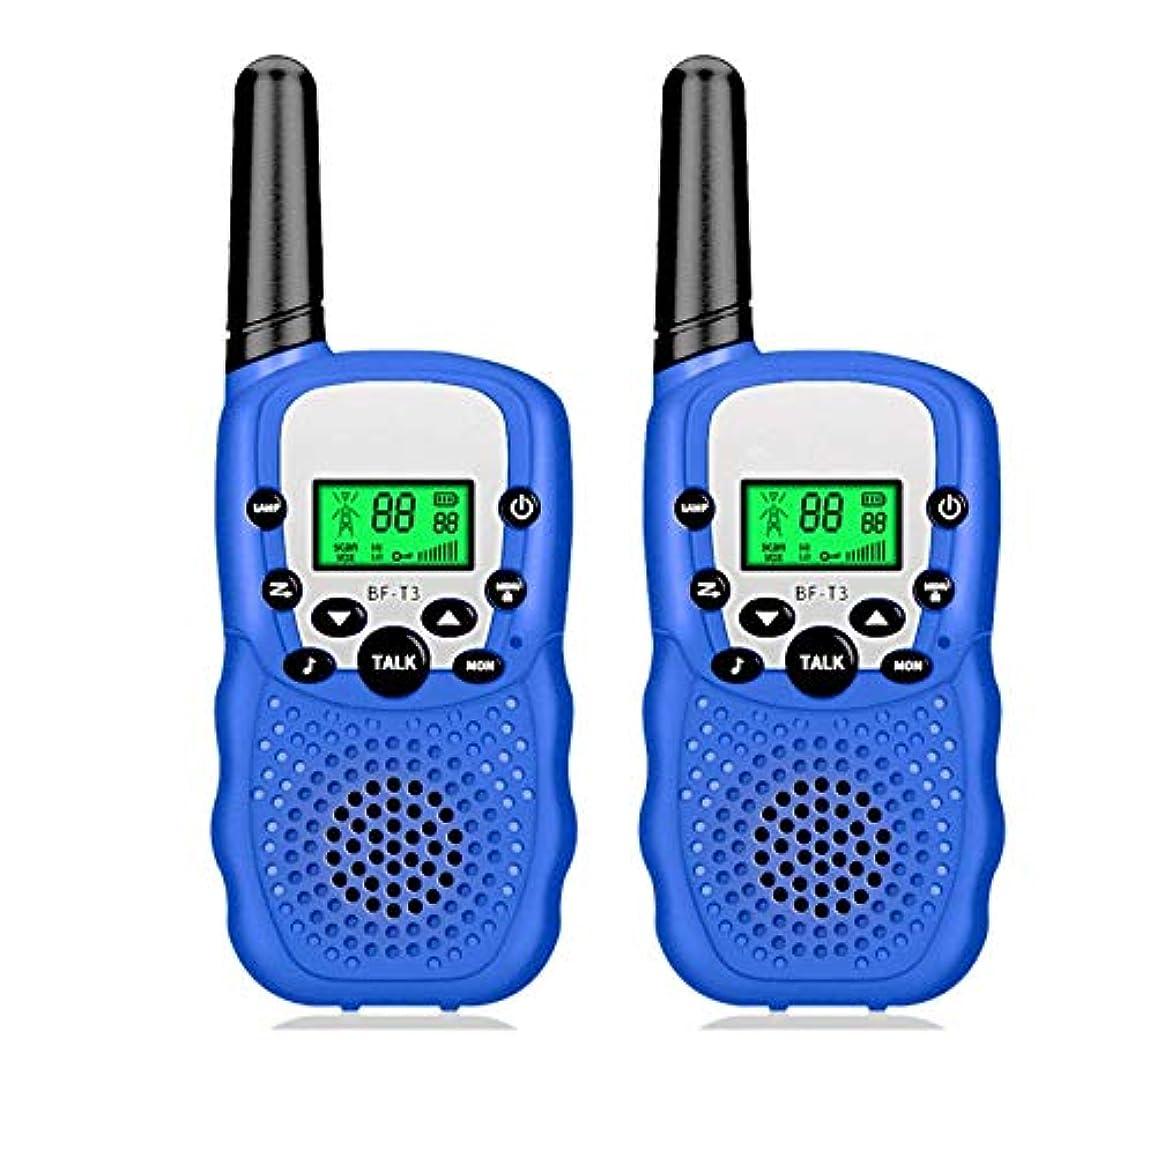 付き添い人プライバシーキノコトランシーバーの子供PMR446 8チャネルデュアルユース懐中電灯VOXトランシーバーセット子供のギフト子供のおもちゃ1ペアを持つ子供のためのラジオ